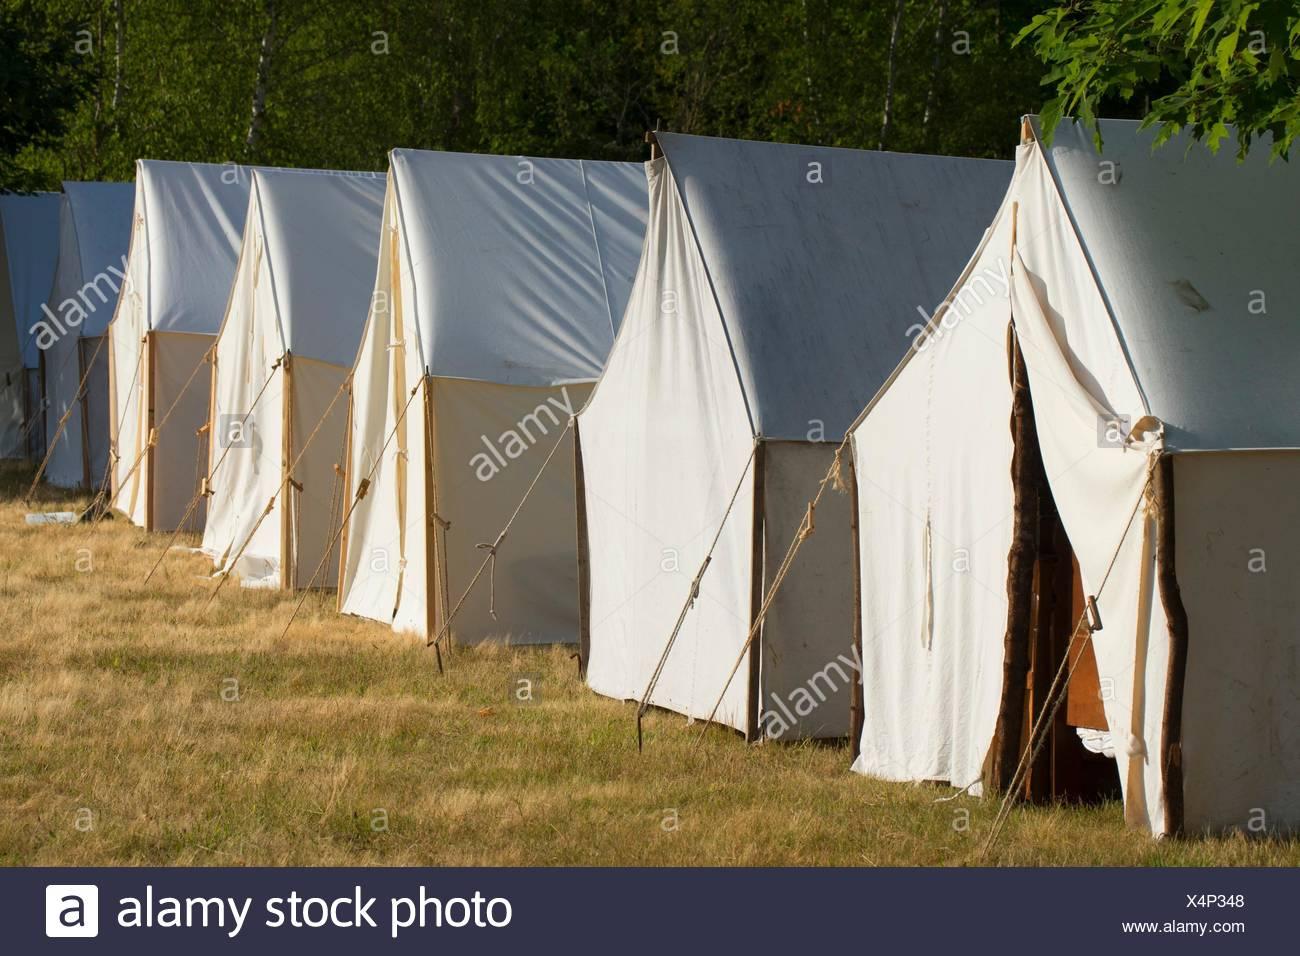 El campamento de tiendas de campaña, la Guerra Civil la re-creación, misión Willamette State Park, en el estado de Oregon. Imagen De Stock